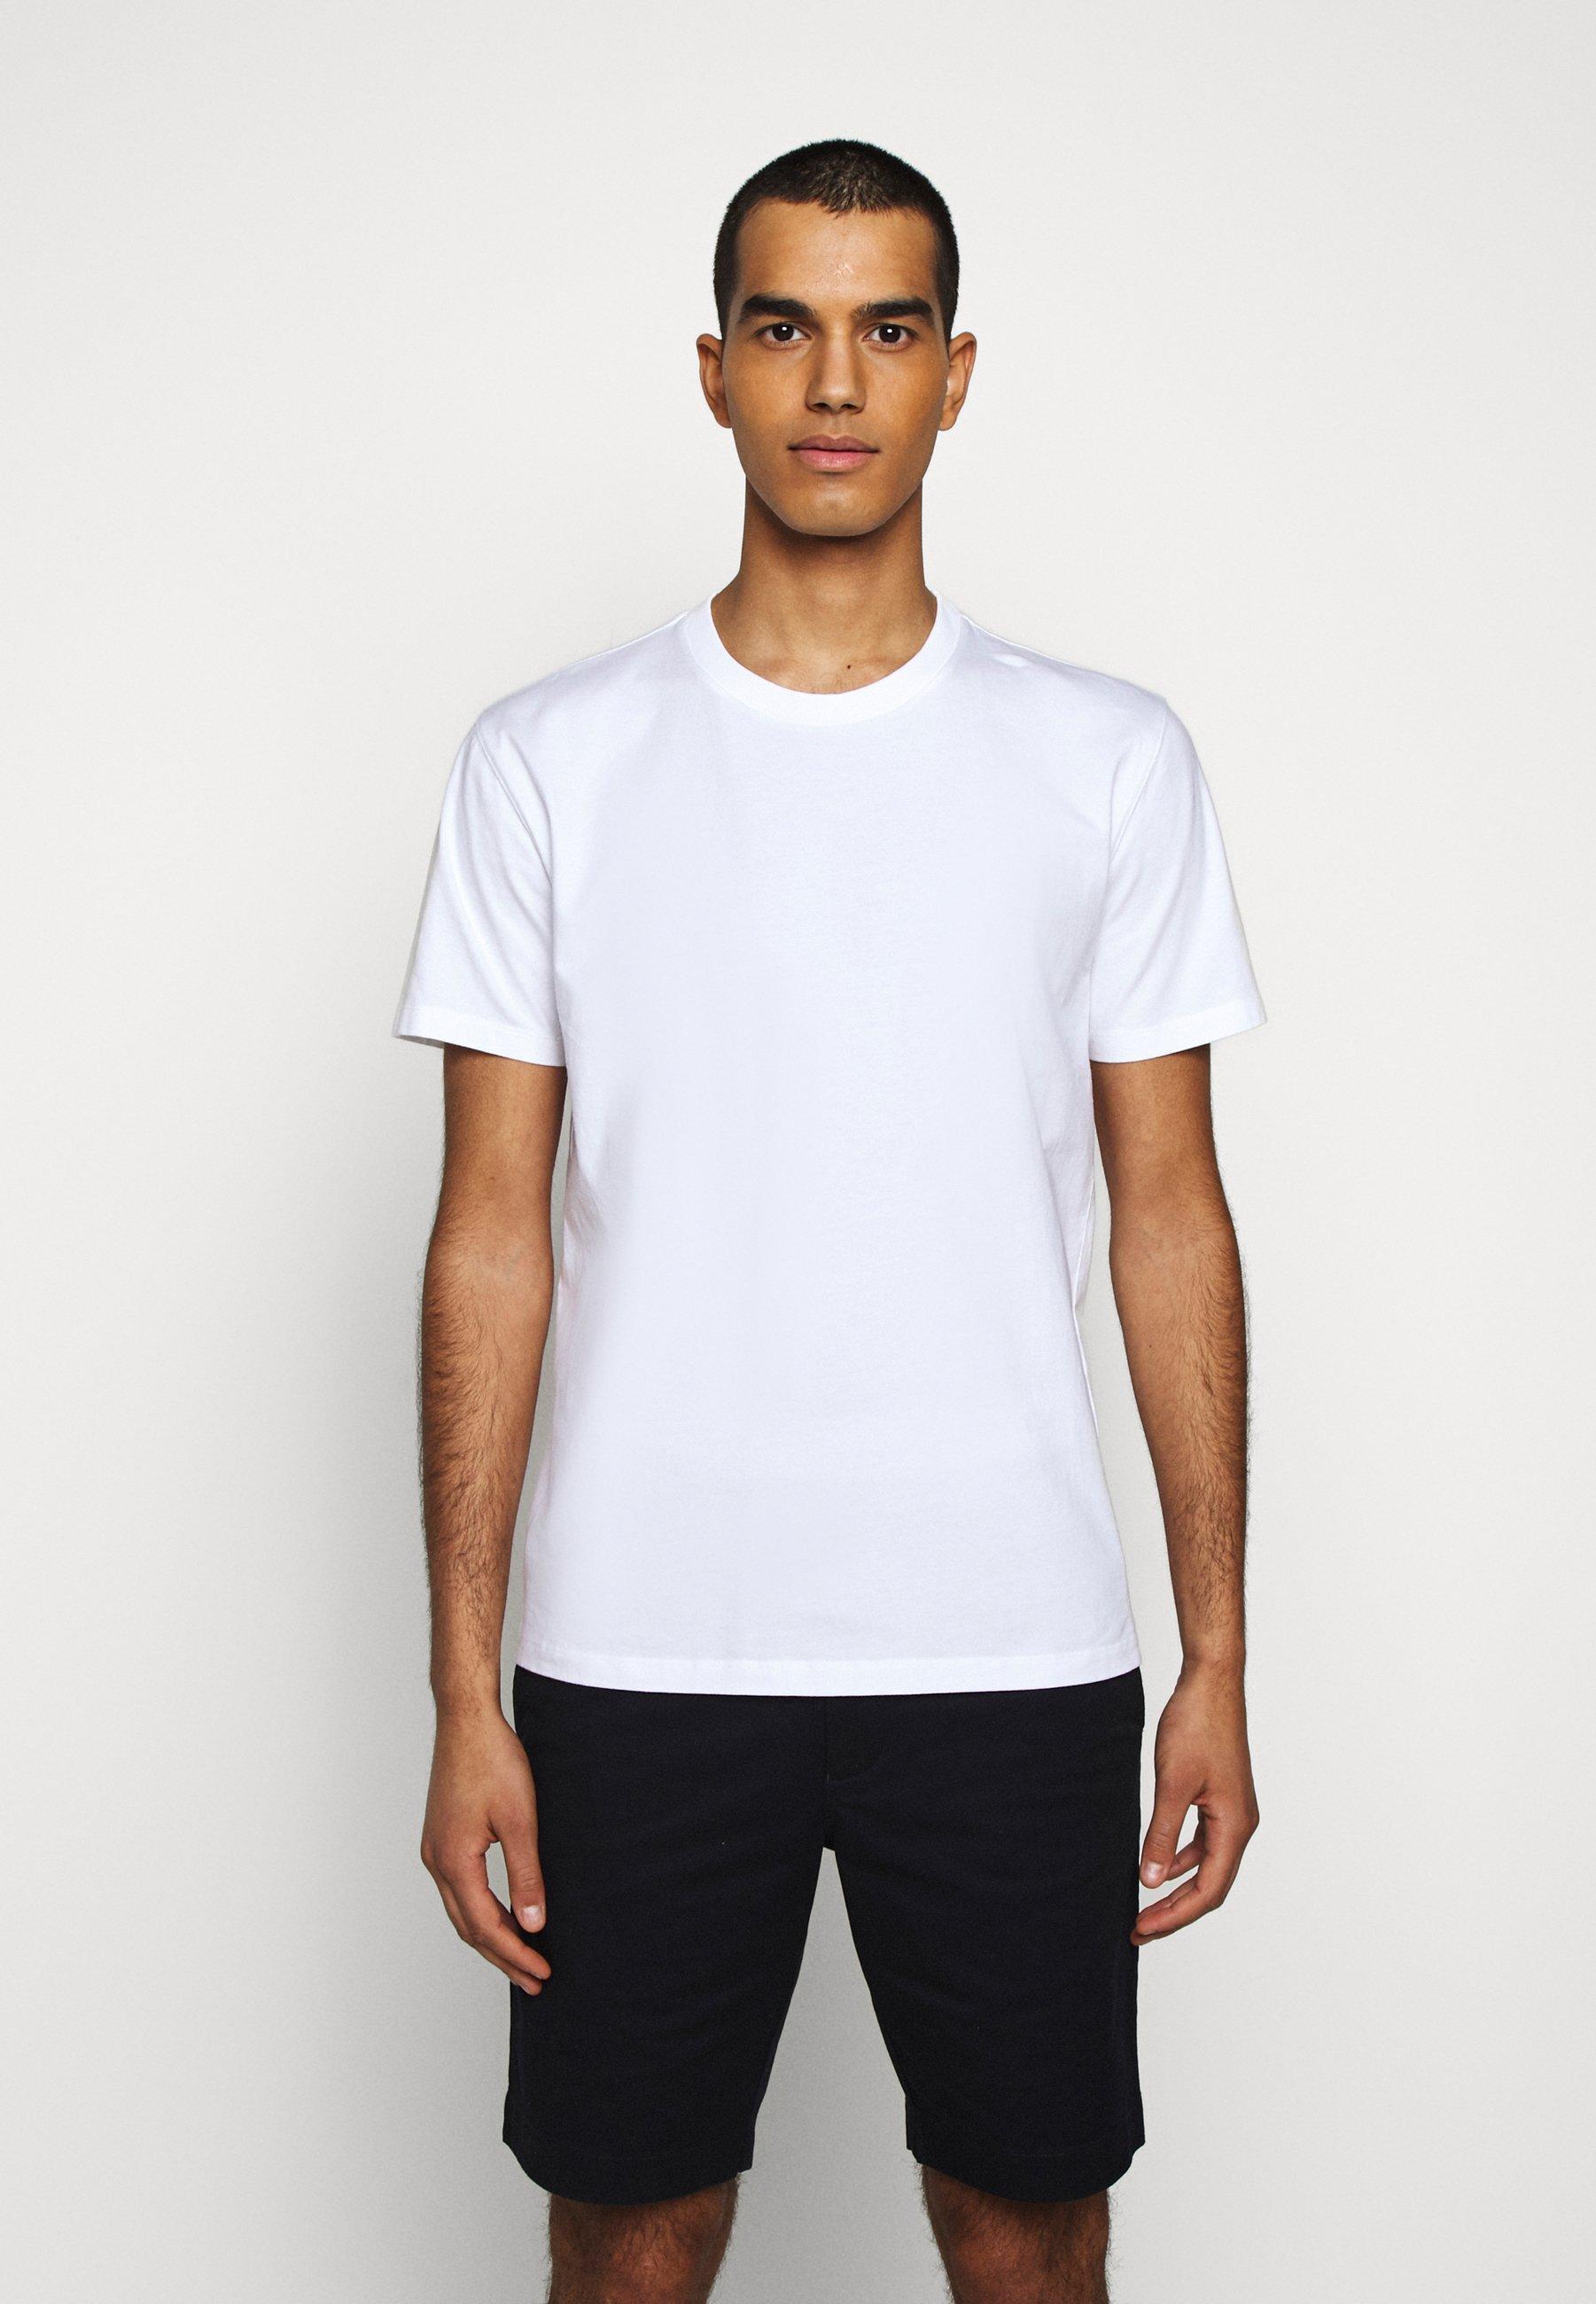 Homme SAMUEL - T-shirt basique